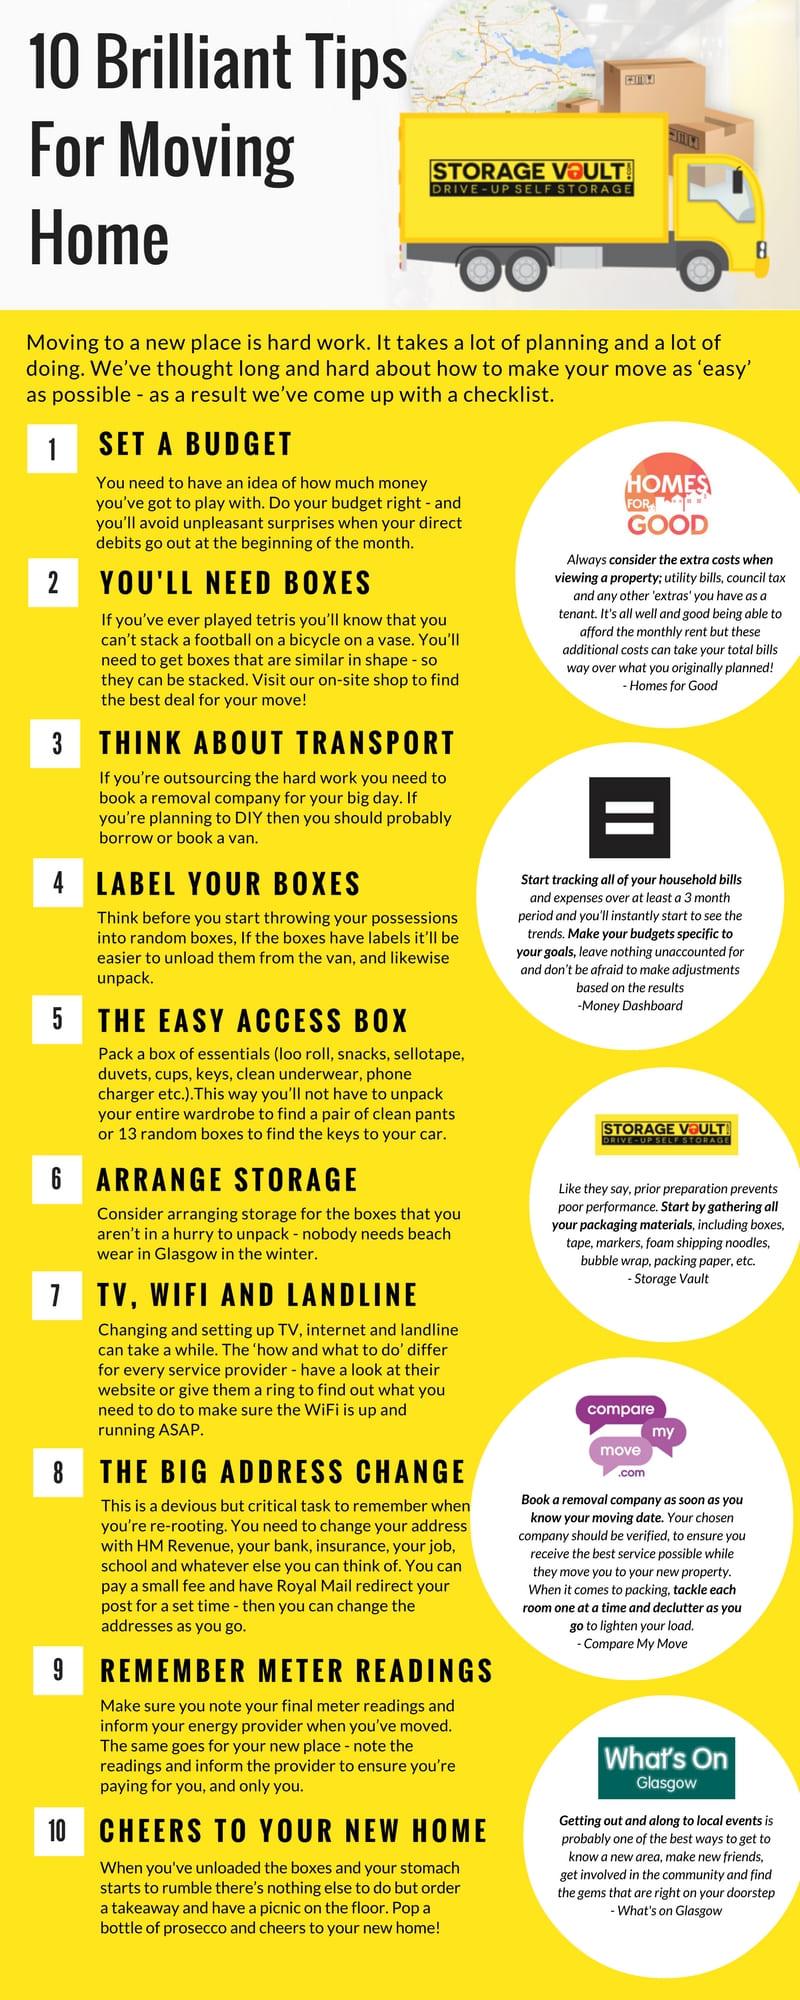 10 tips storage vault infographic